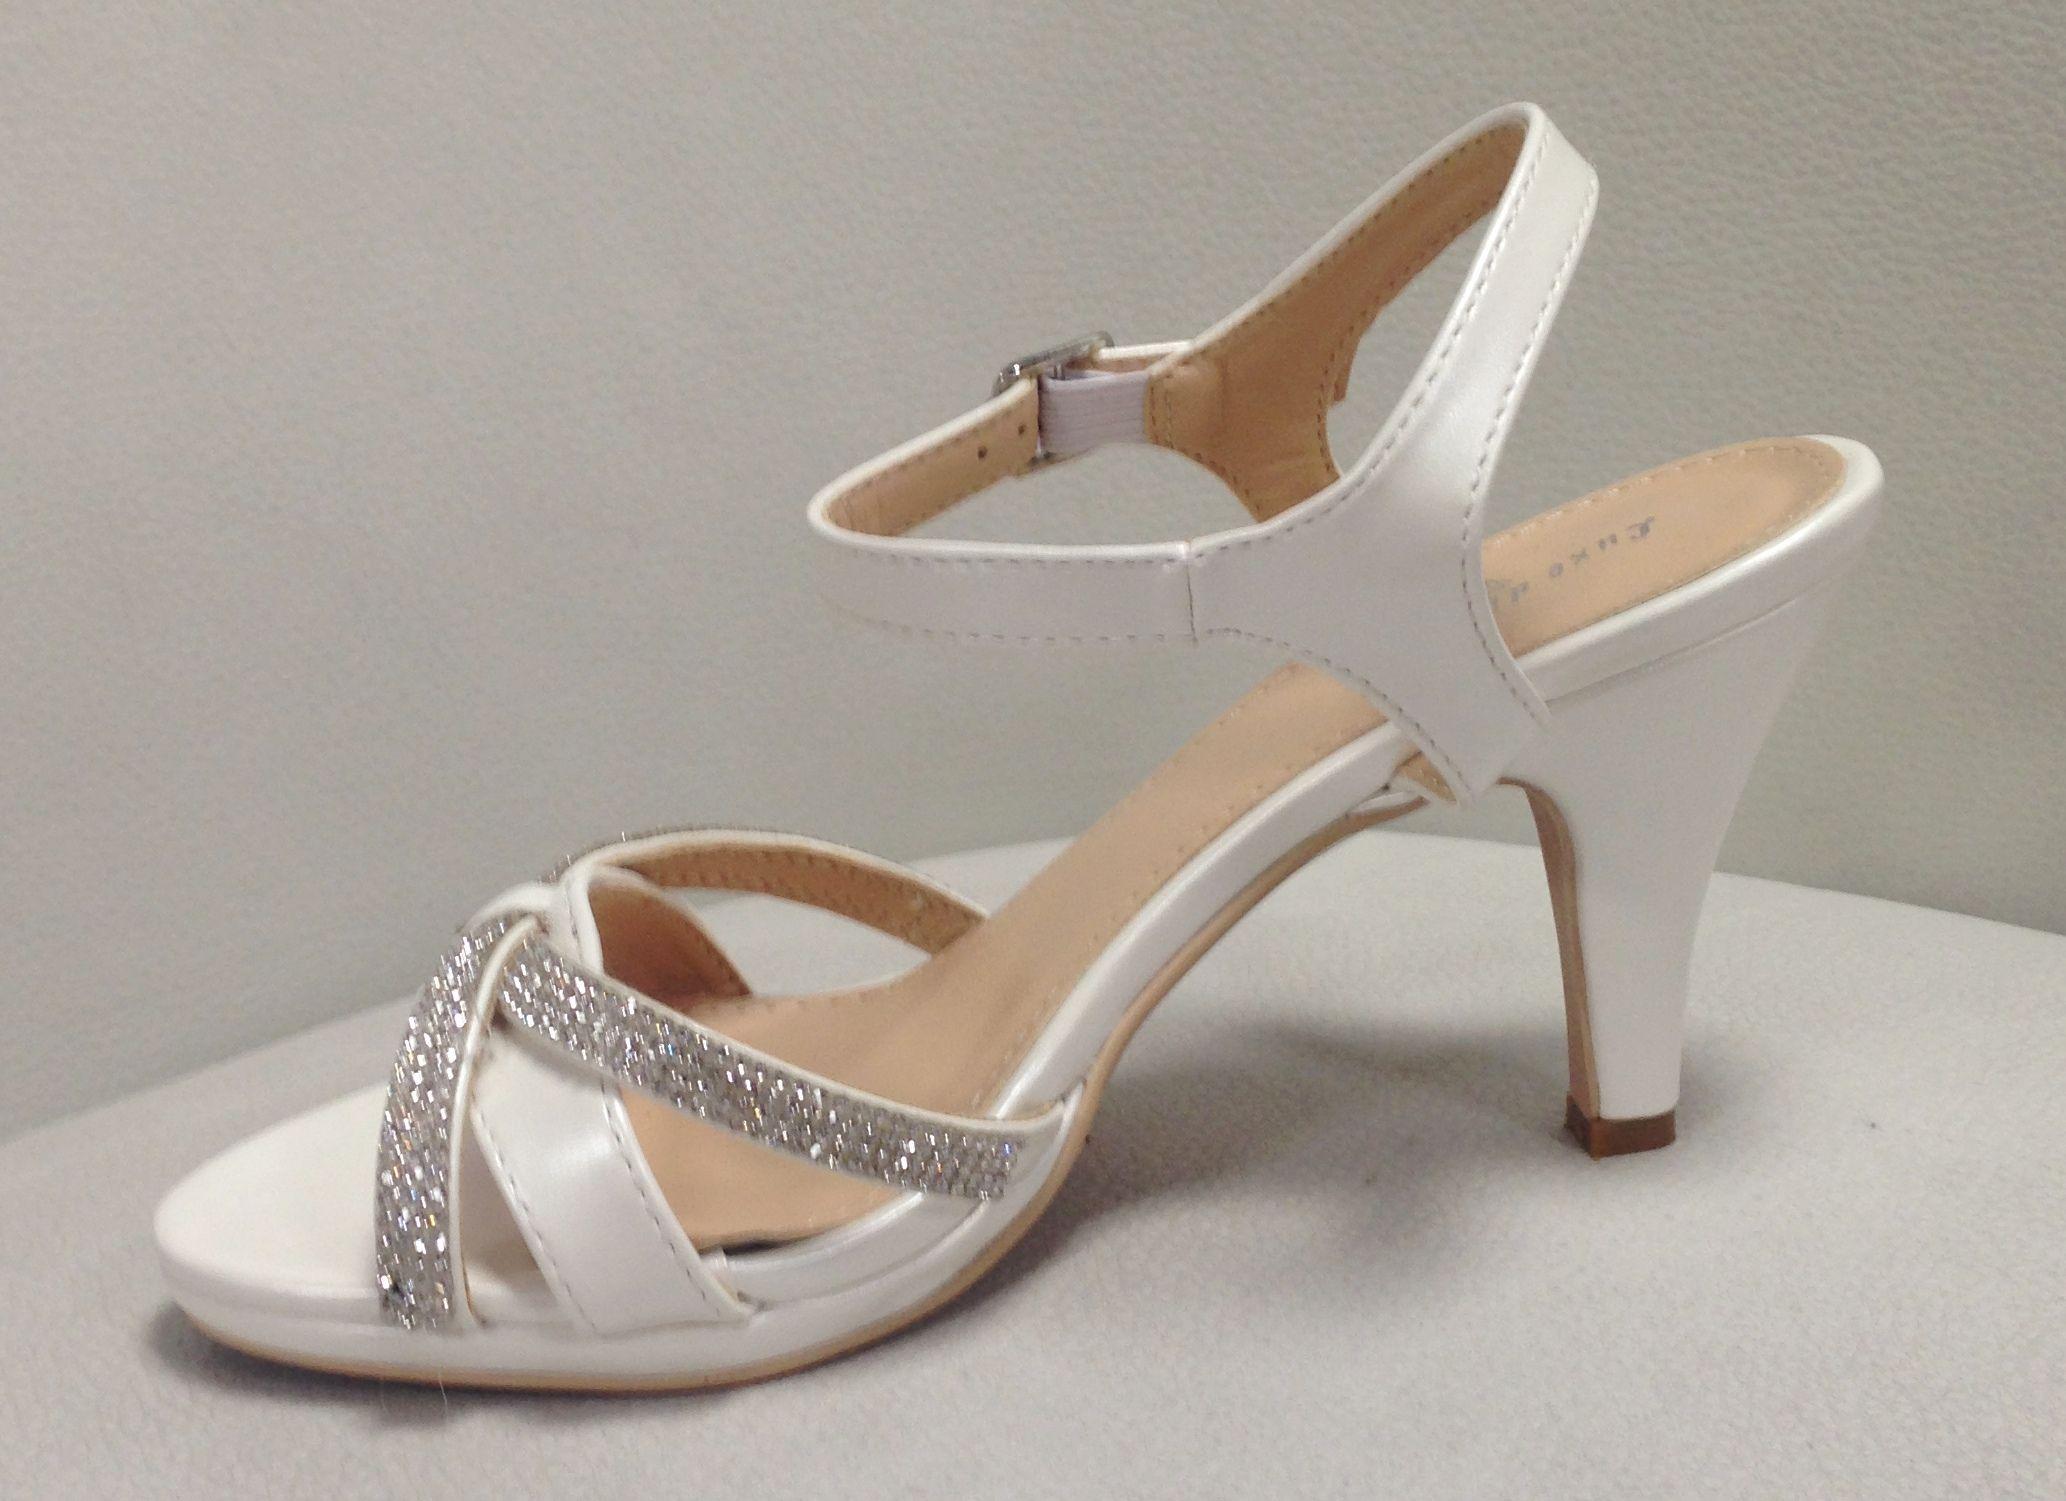 Sandale mariée blanche à bride et strass, talon 6cm avec